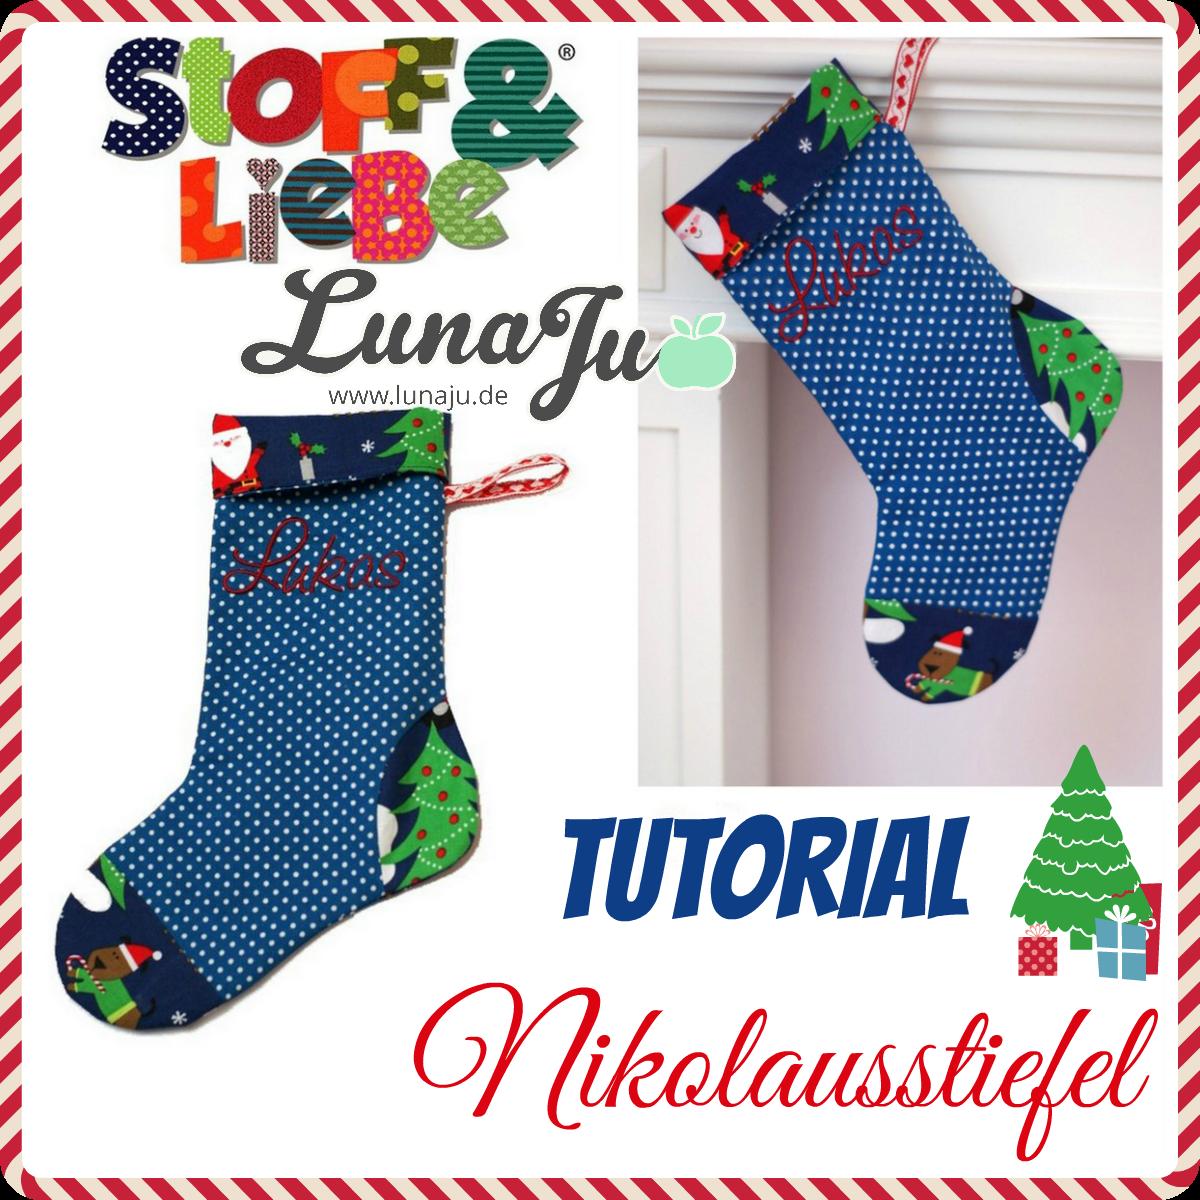 http://stoffundliebe.blogspot.de/2014/11/tutorial-schnitt-fur-einen.html